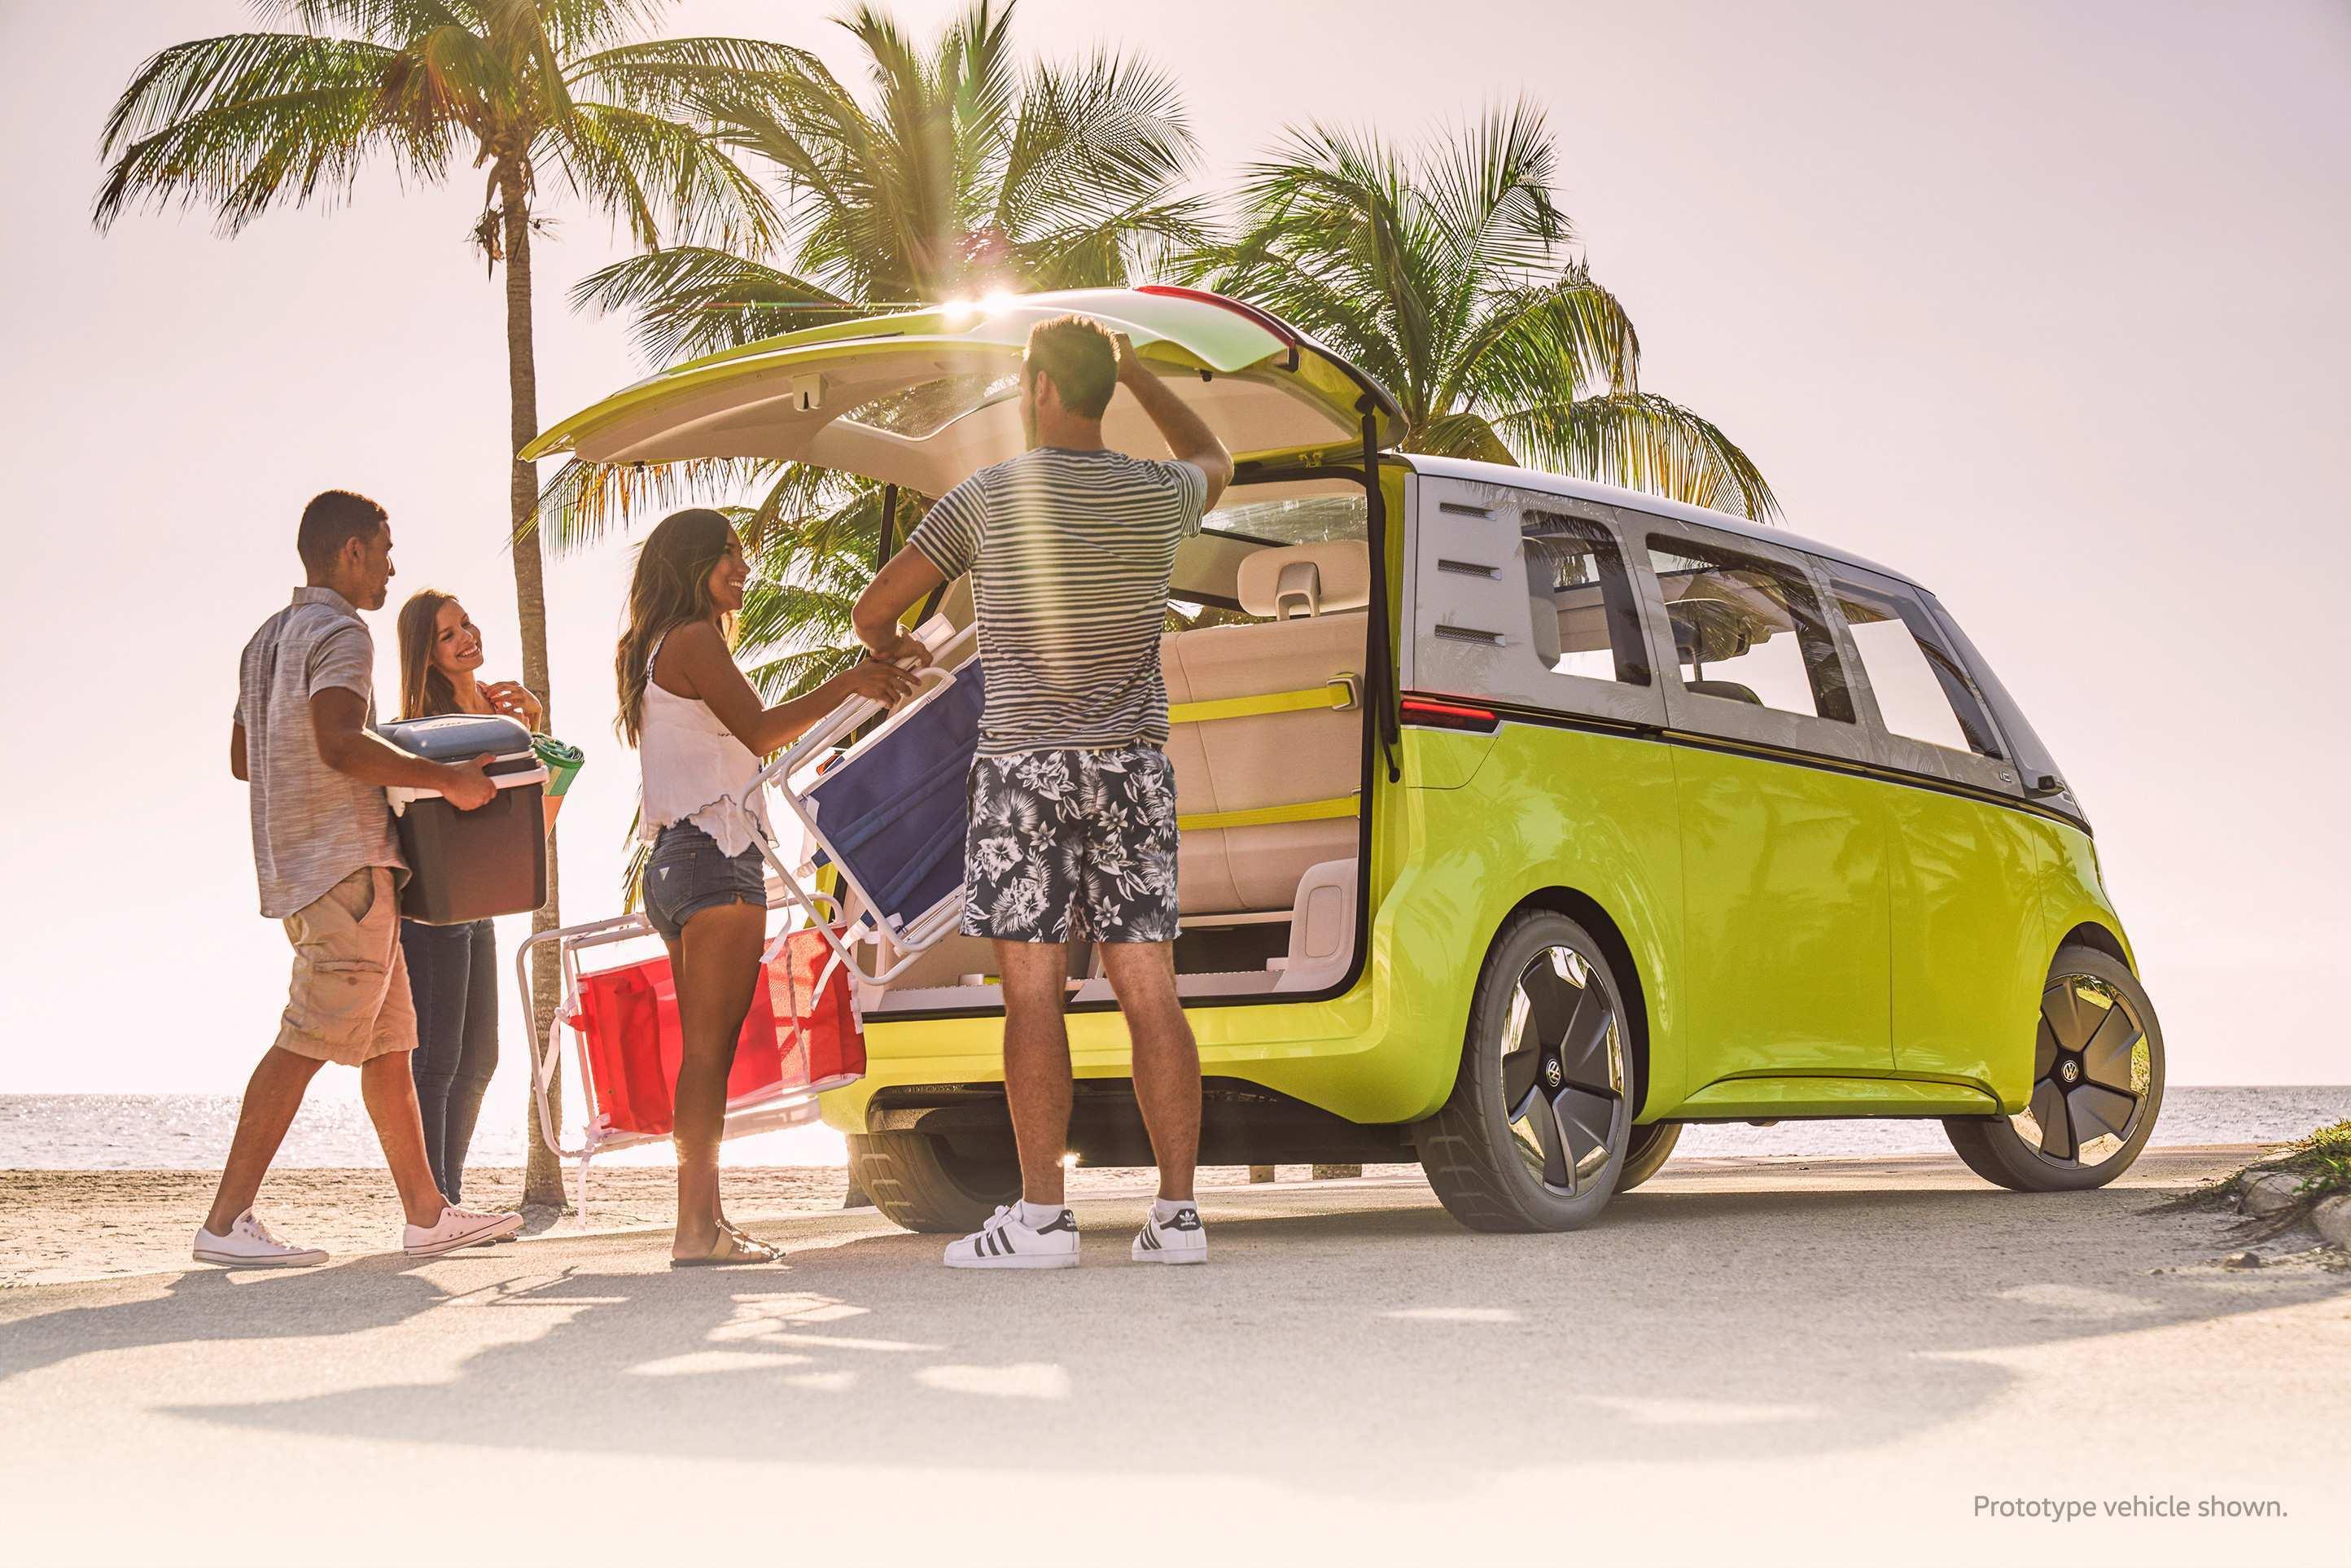 16 All New Volkswagen Vanagon 2020 Performance and New Engine with Volkswagen Vanagon 2020